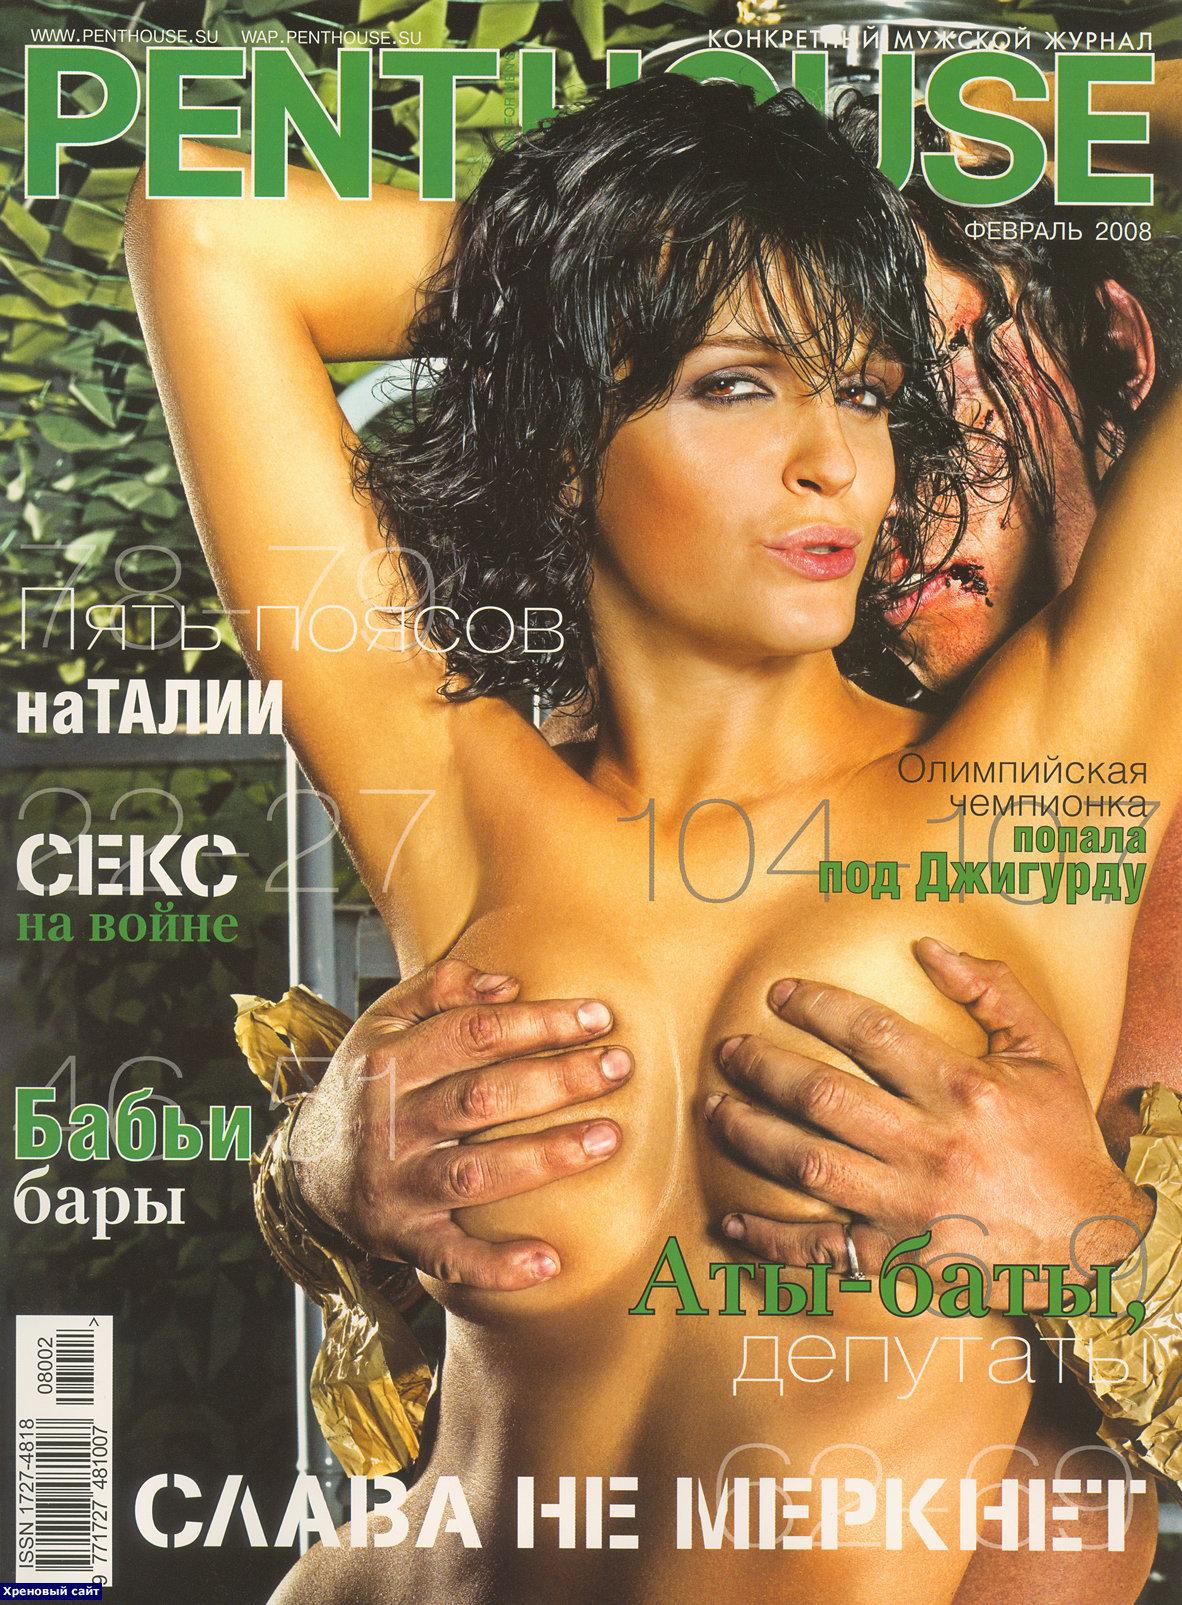 Смотреть эротический журнал пентхаус 13 фотография